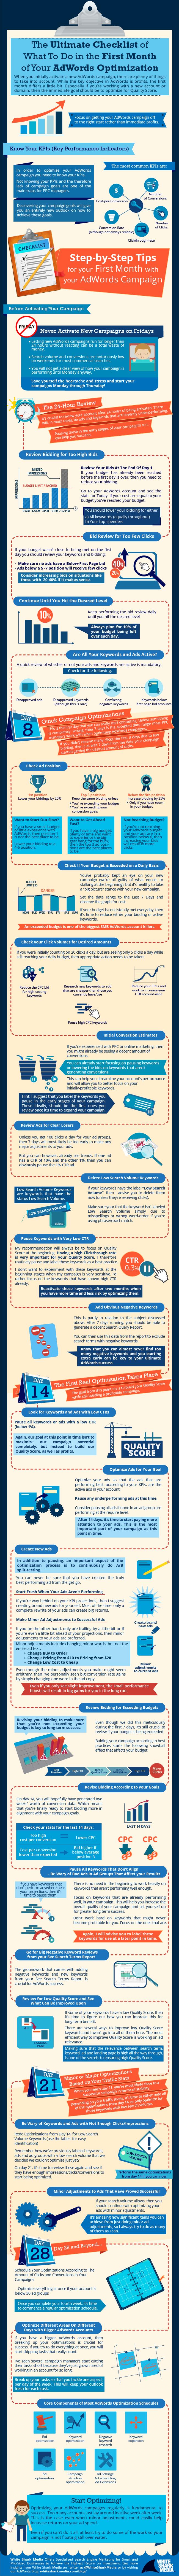 PPC_Infographic